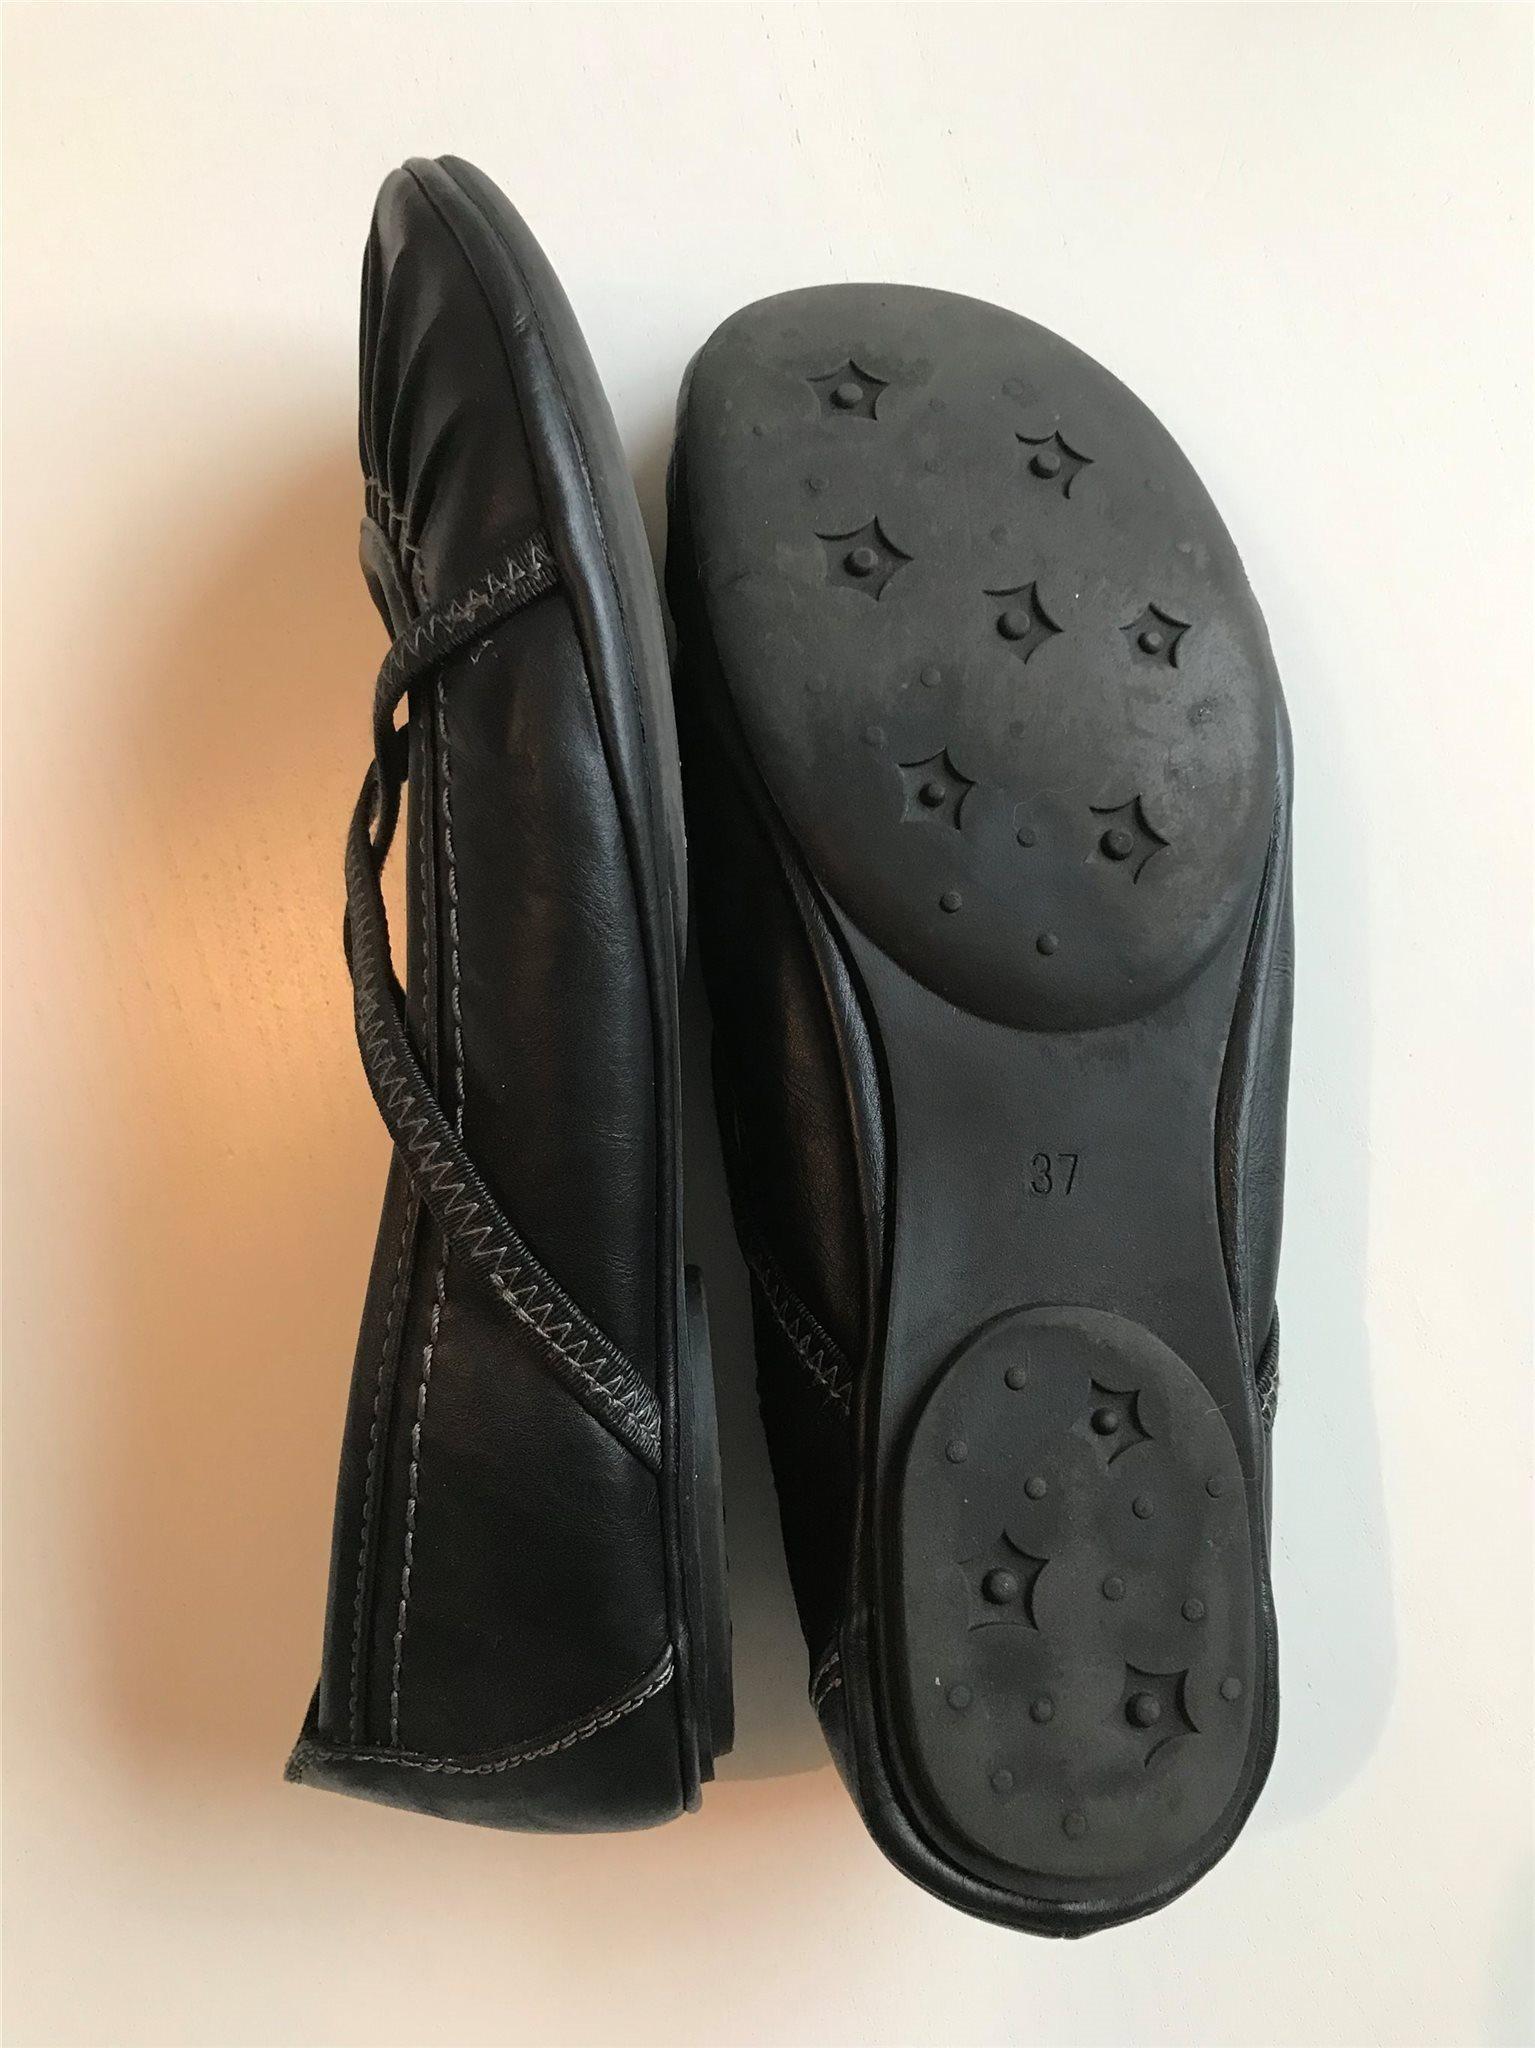 fcbecc49bacc Svart ballerinasko storlek 37 (339089517) ᐈ Köp på Tradera